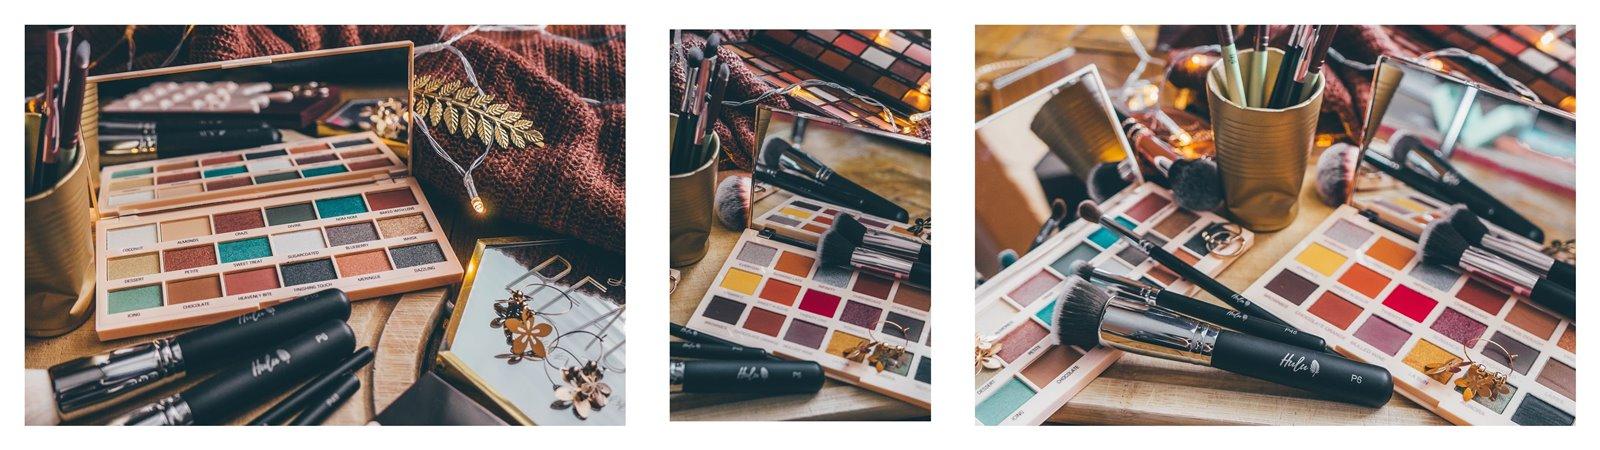 6a 1 makeup revolution chocolate recenzja opinia cena cienie tanie i dobre jakie pędzle do makijażu dla osób uczących się jak nauczyć się makijażu drogeria pigment kody promocje rabaty opinie kraków blog beauty uroda